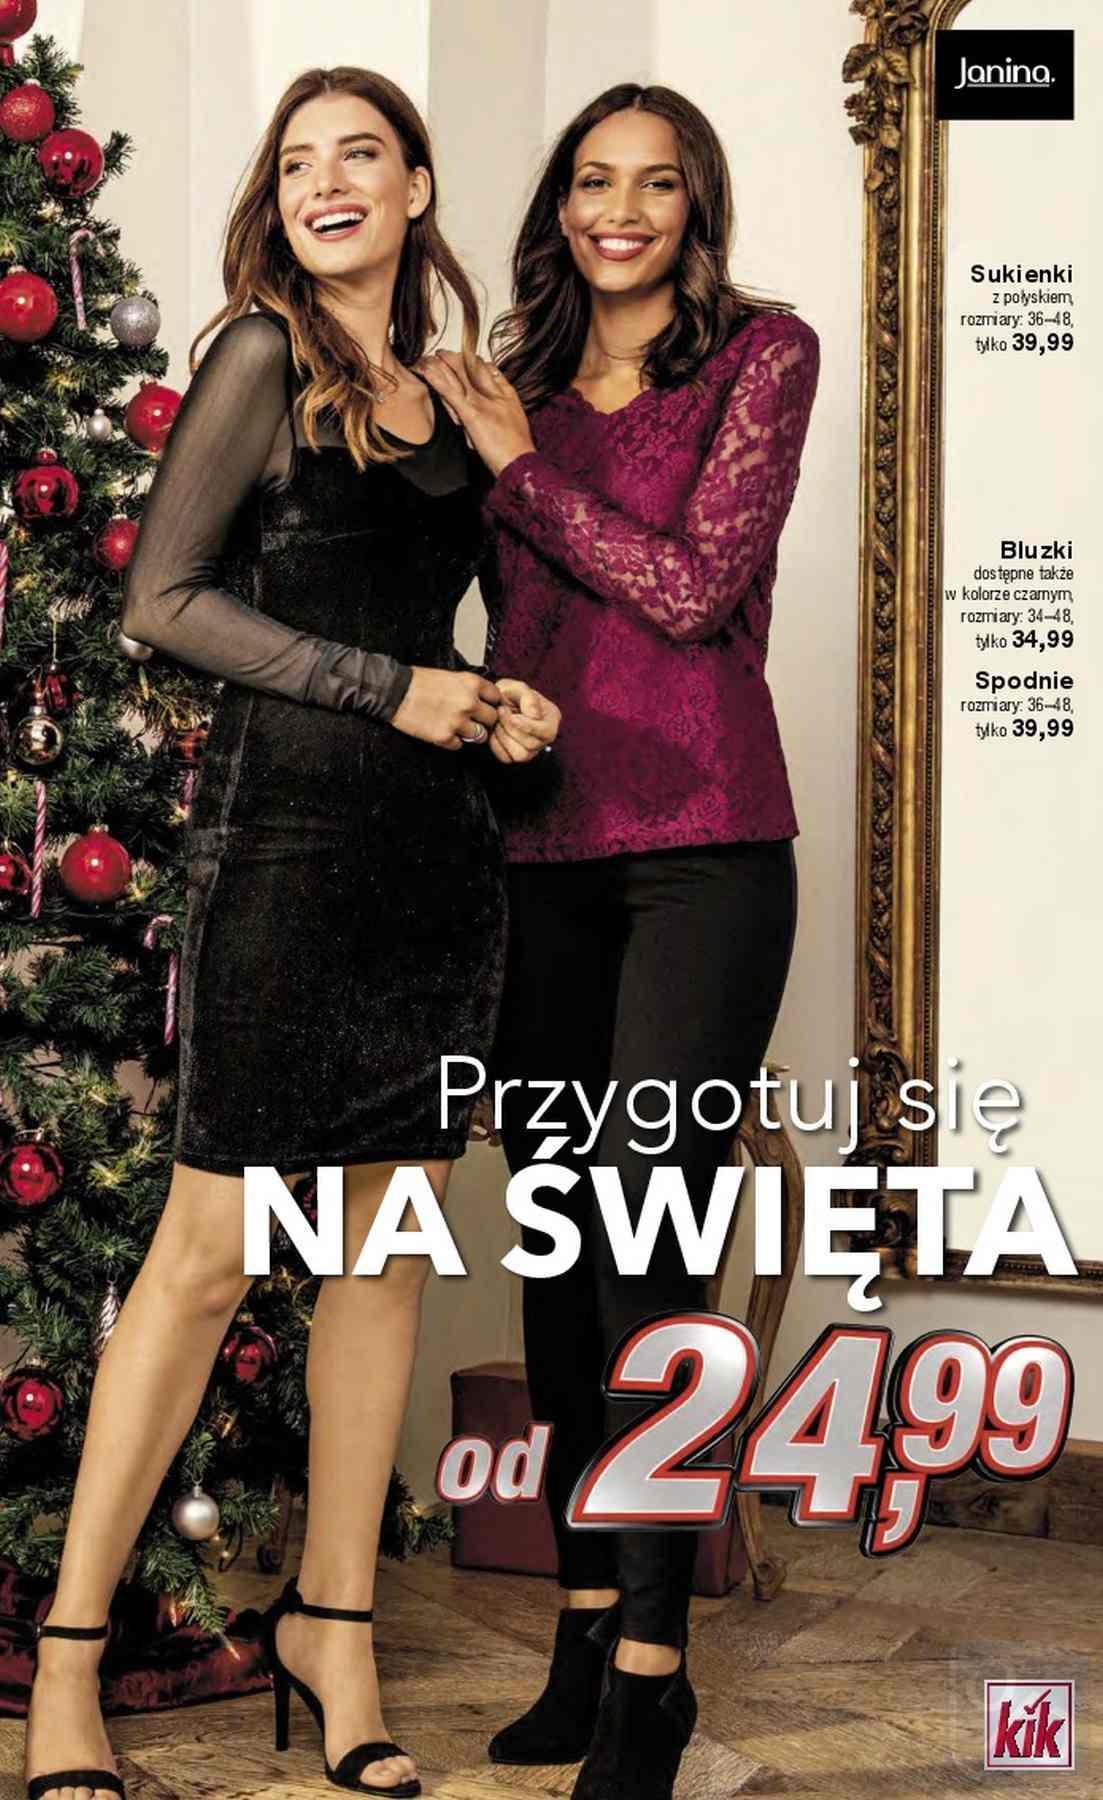 Gazetka promocyjna KiK do 06/01/2019 str.2